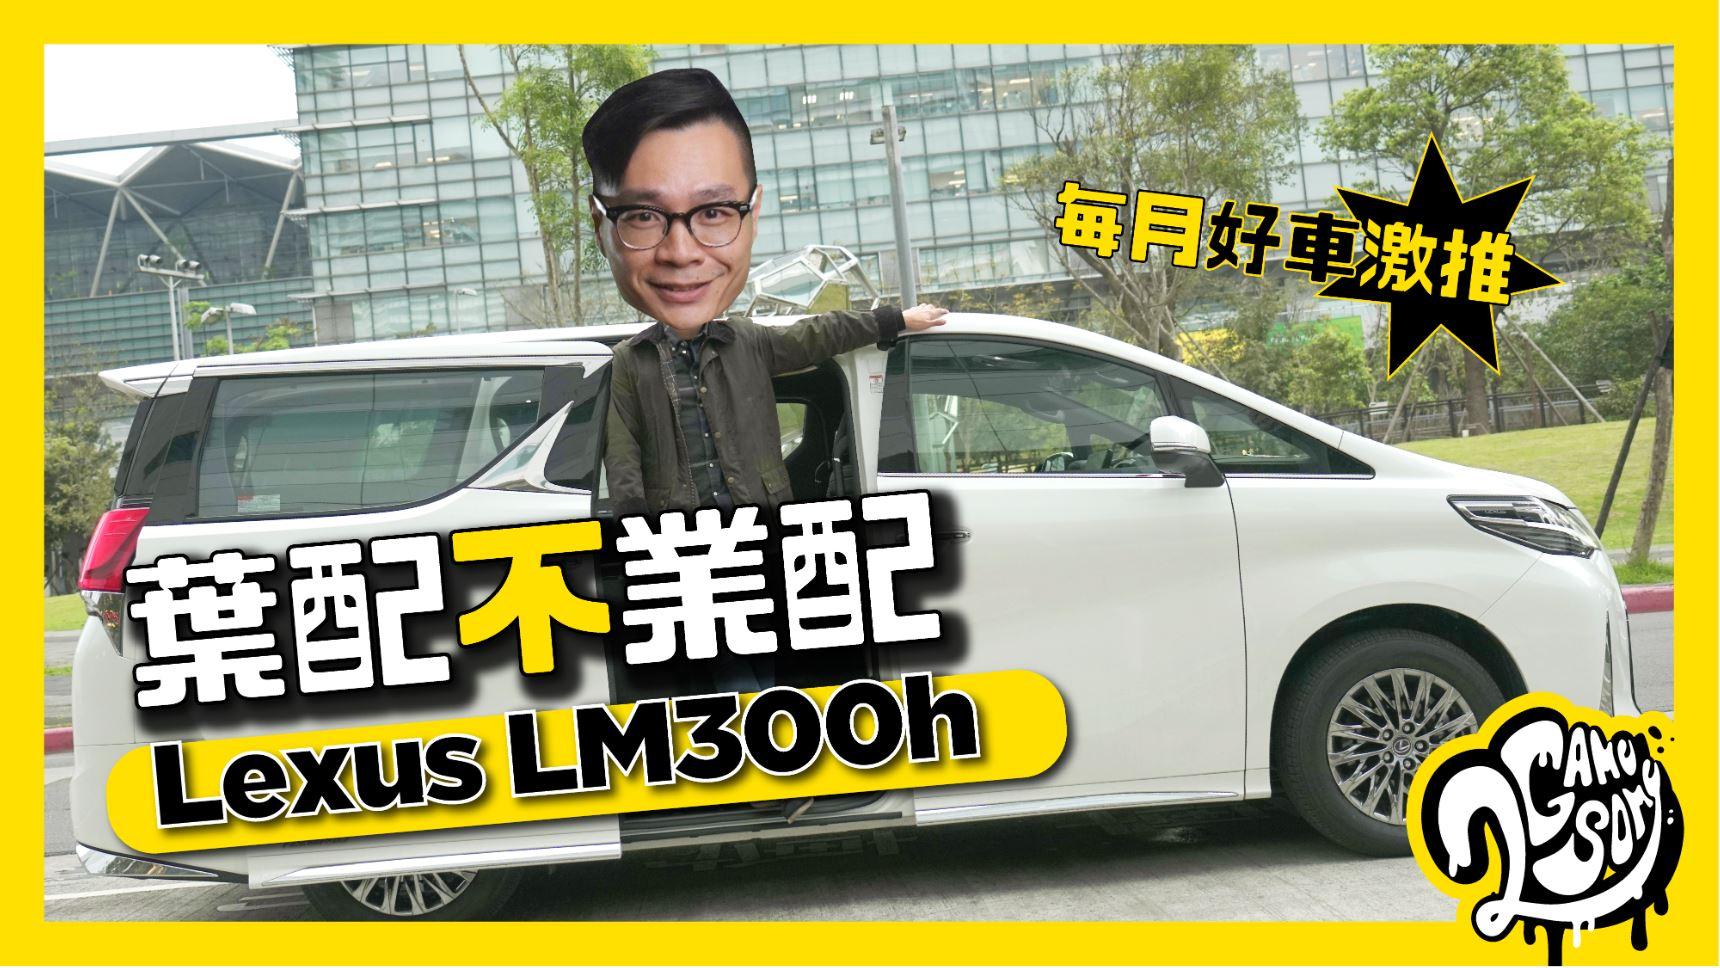 葉配不業配 - 每月好車激推 Lexus LM300h